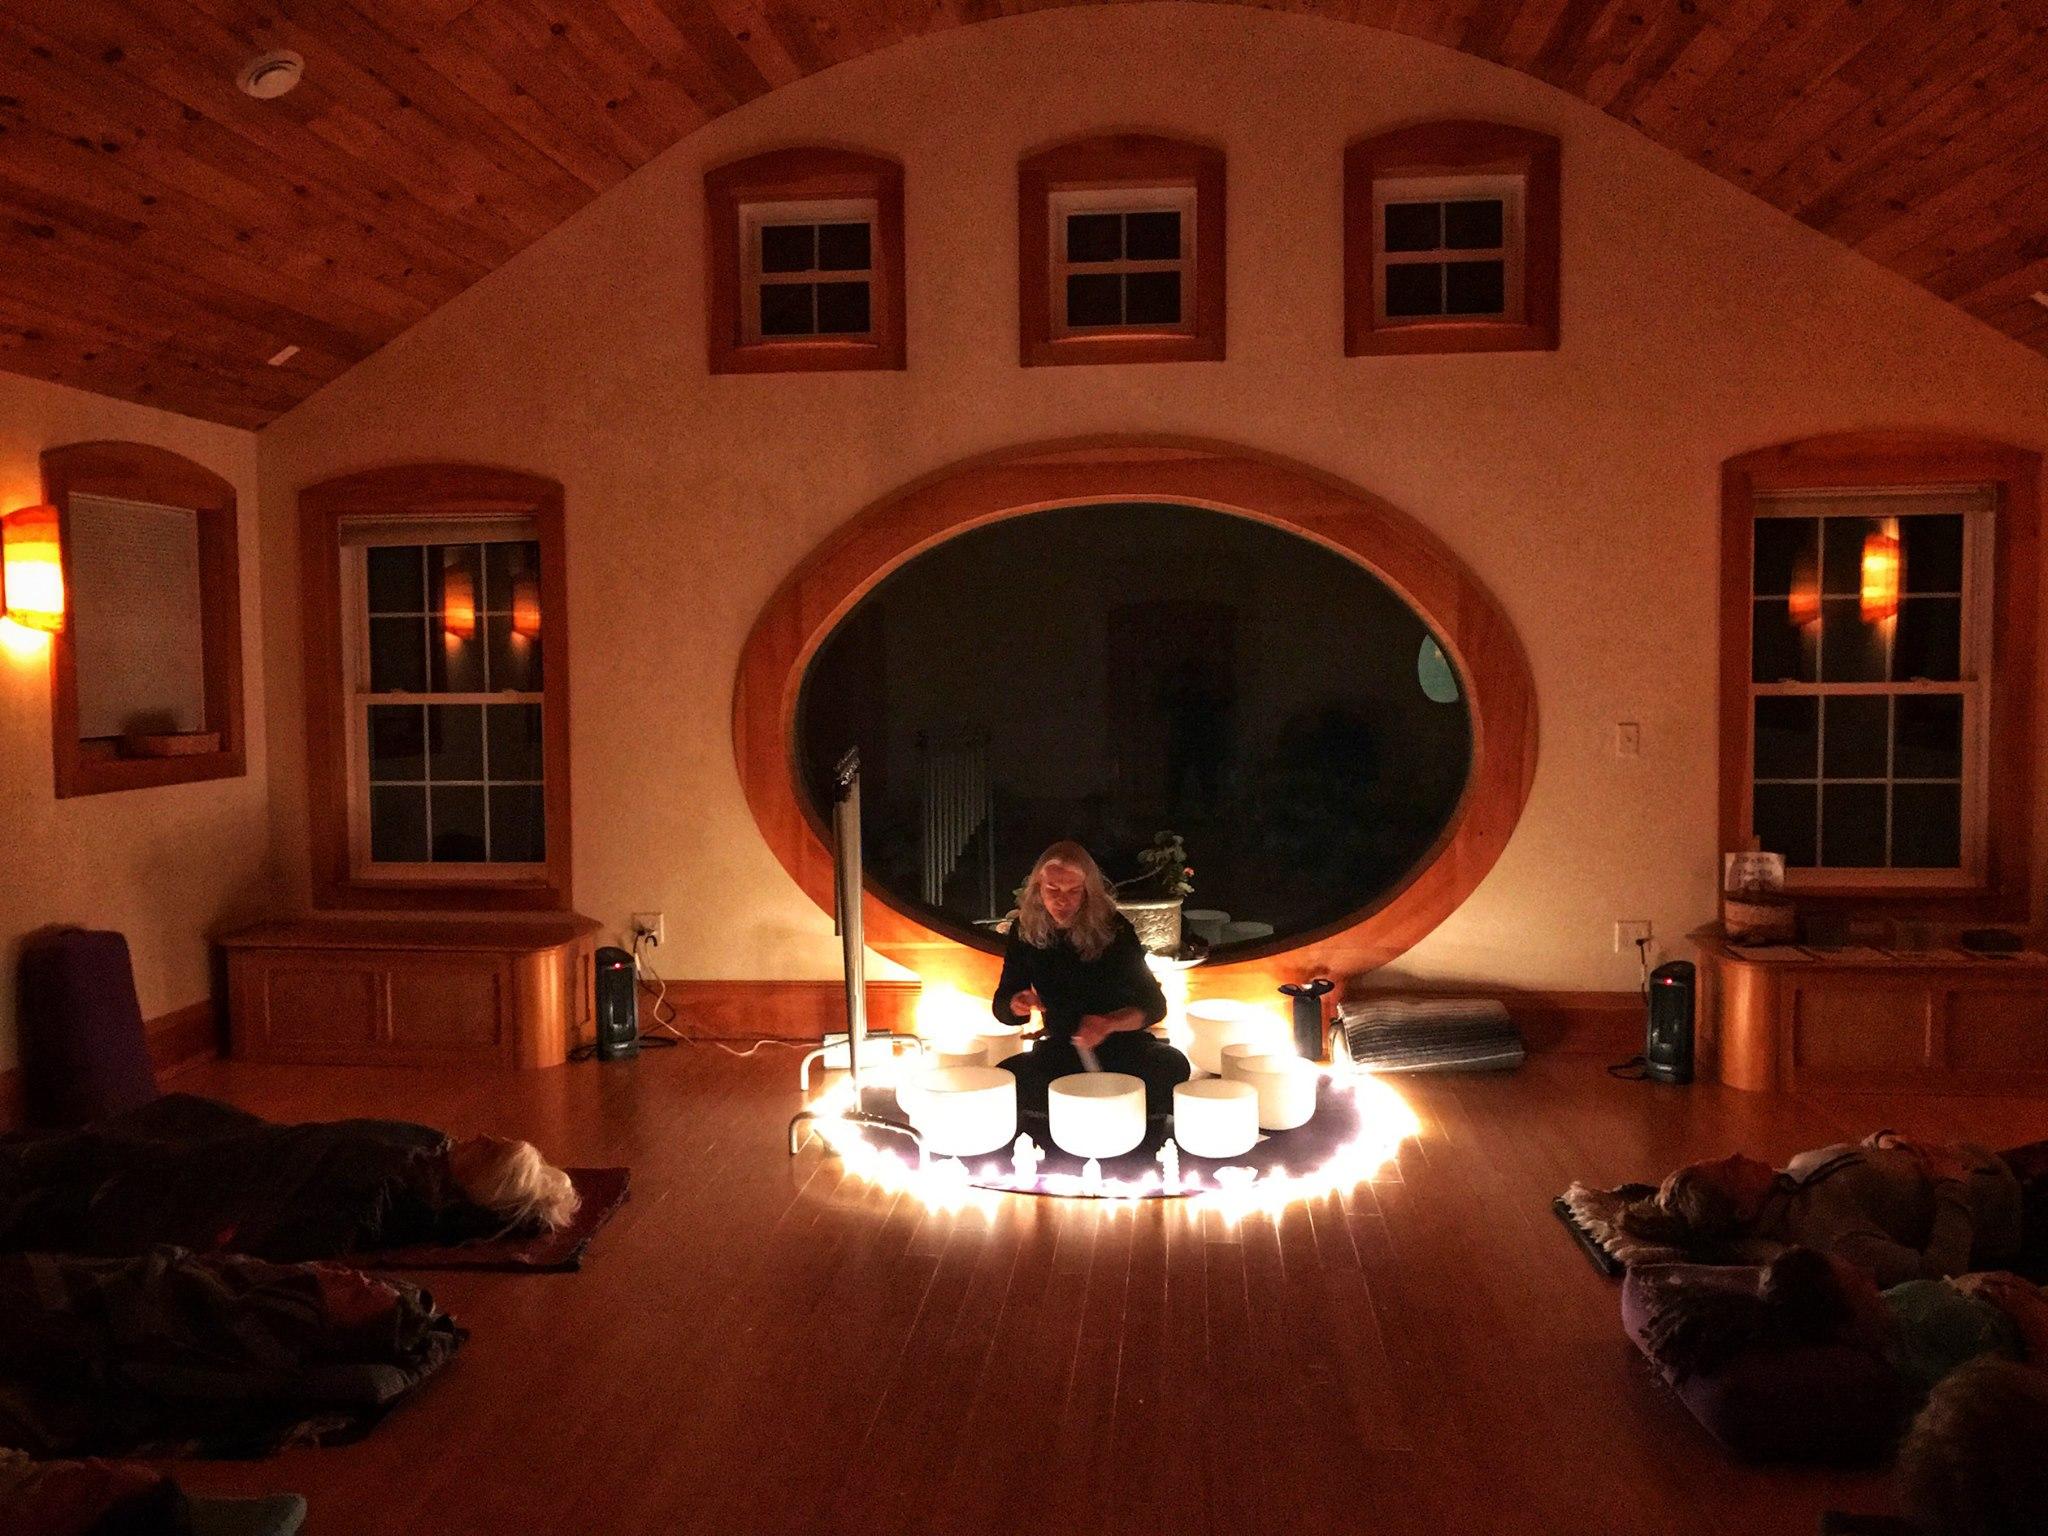 11-17-17 The River Studio.jpg